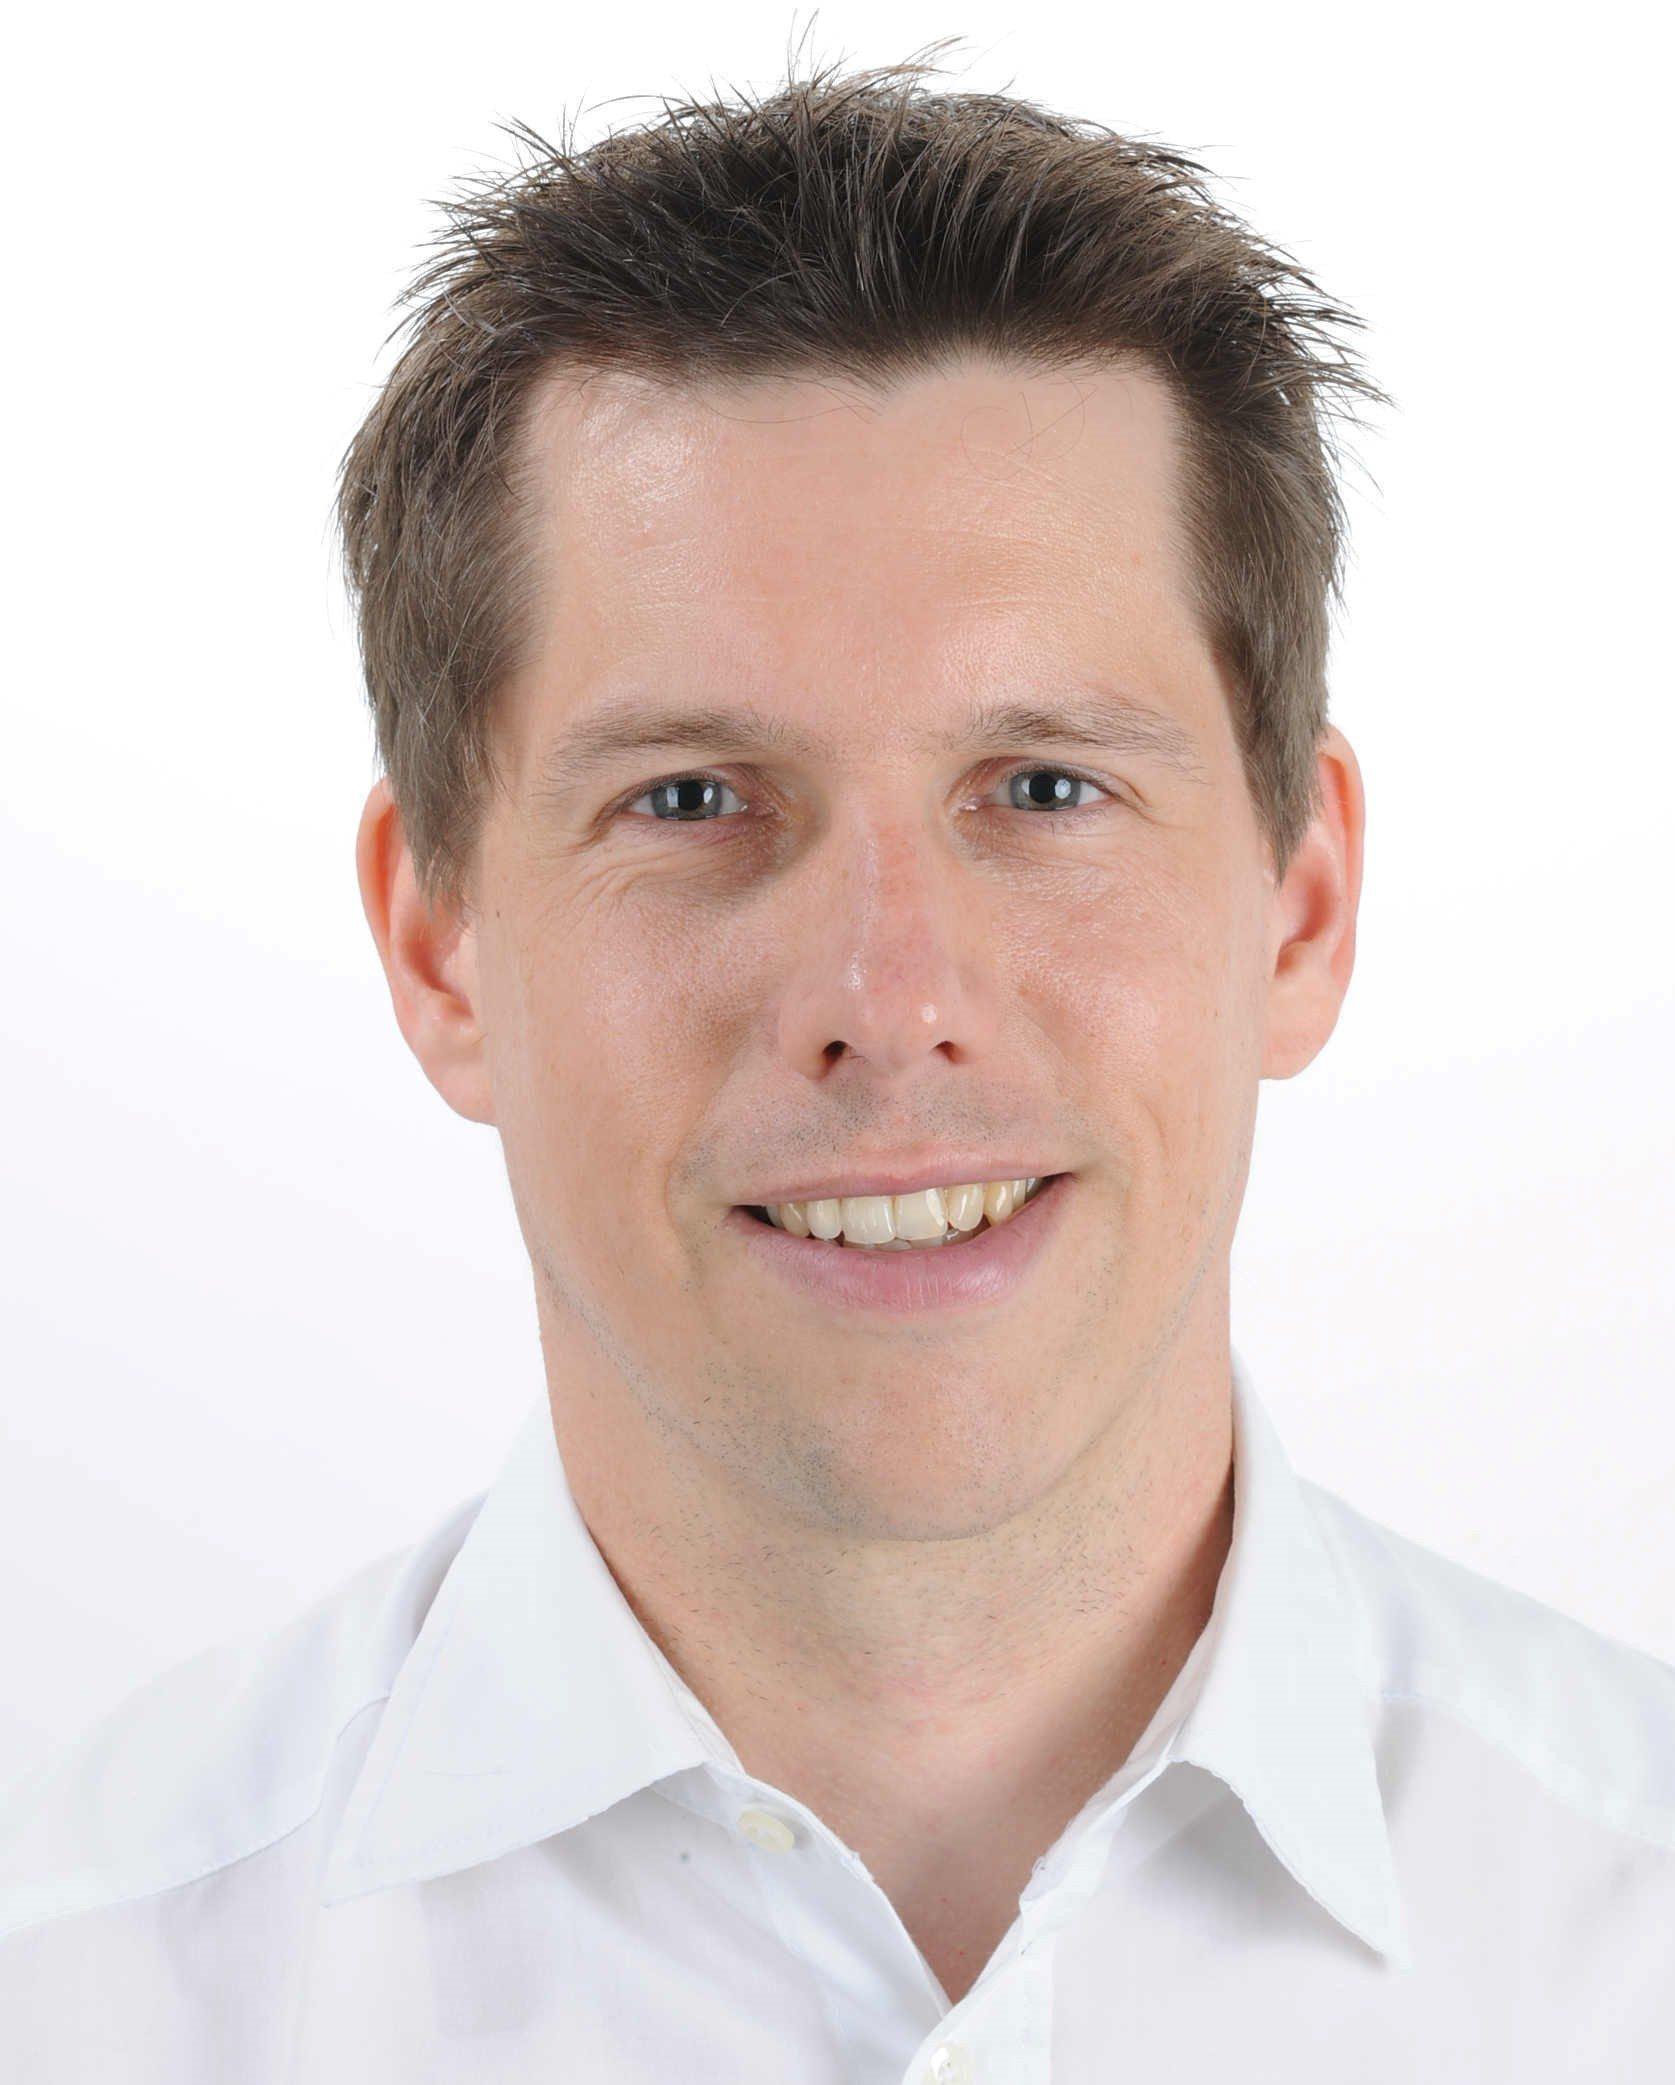 Schlafberater und Präventologe Markus Kamps